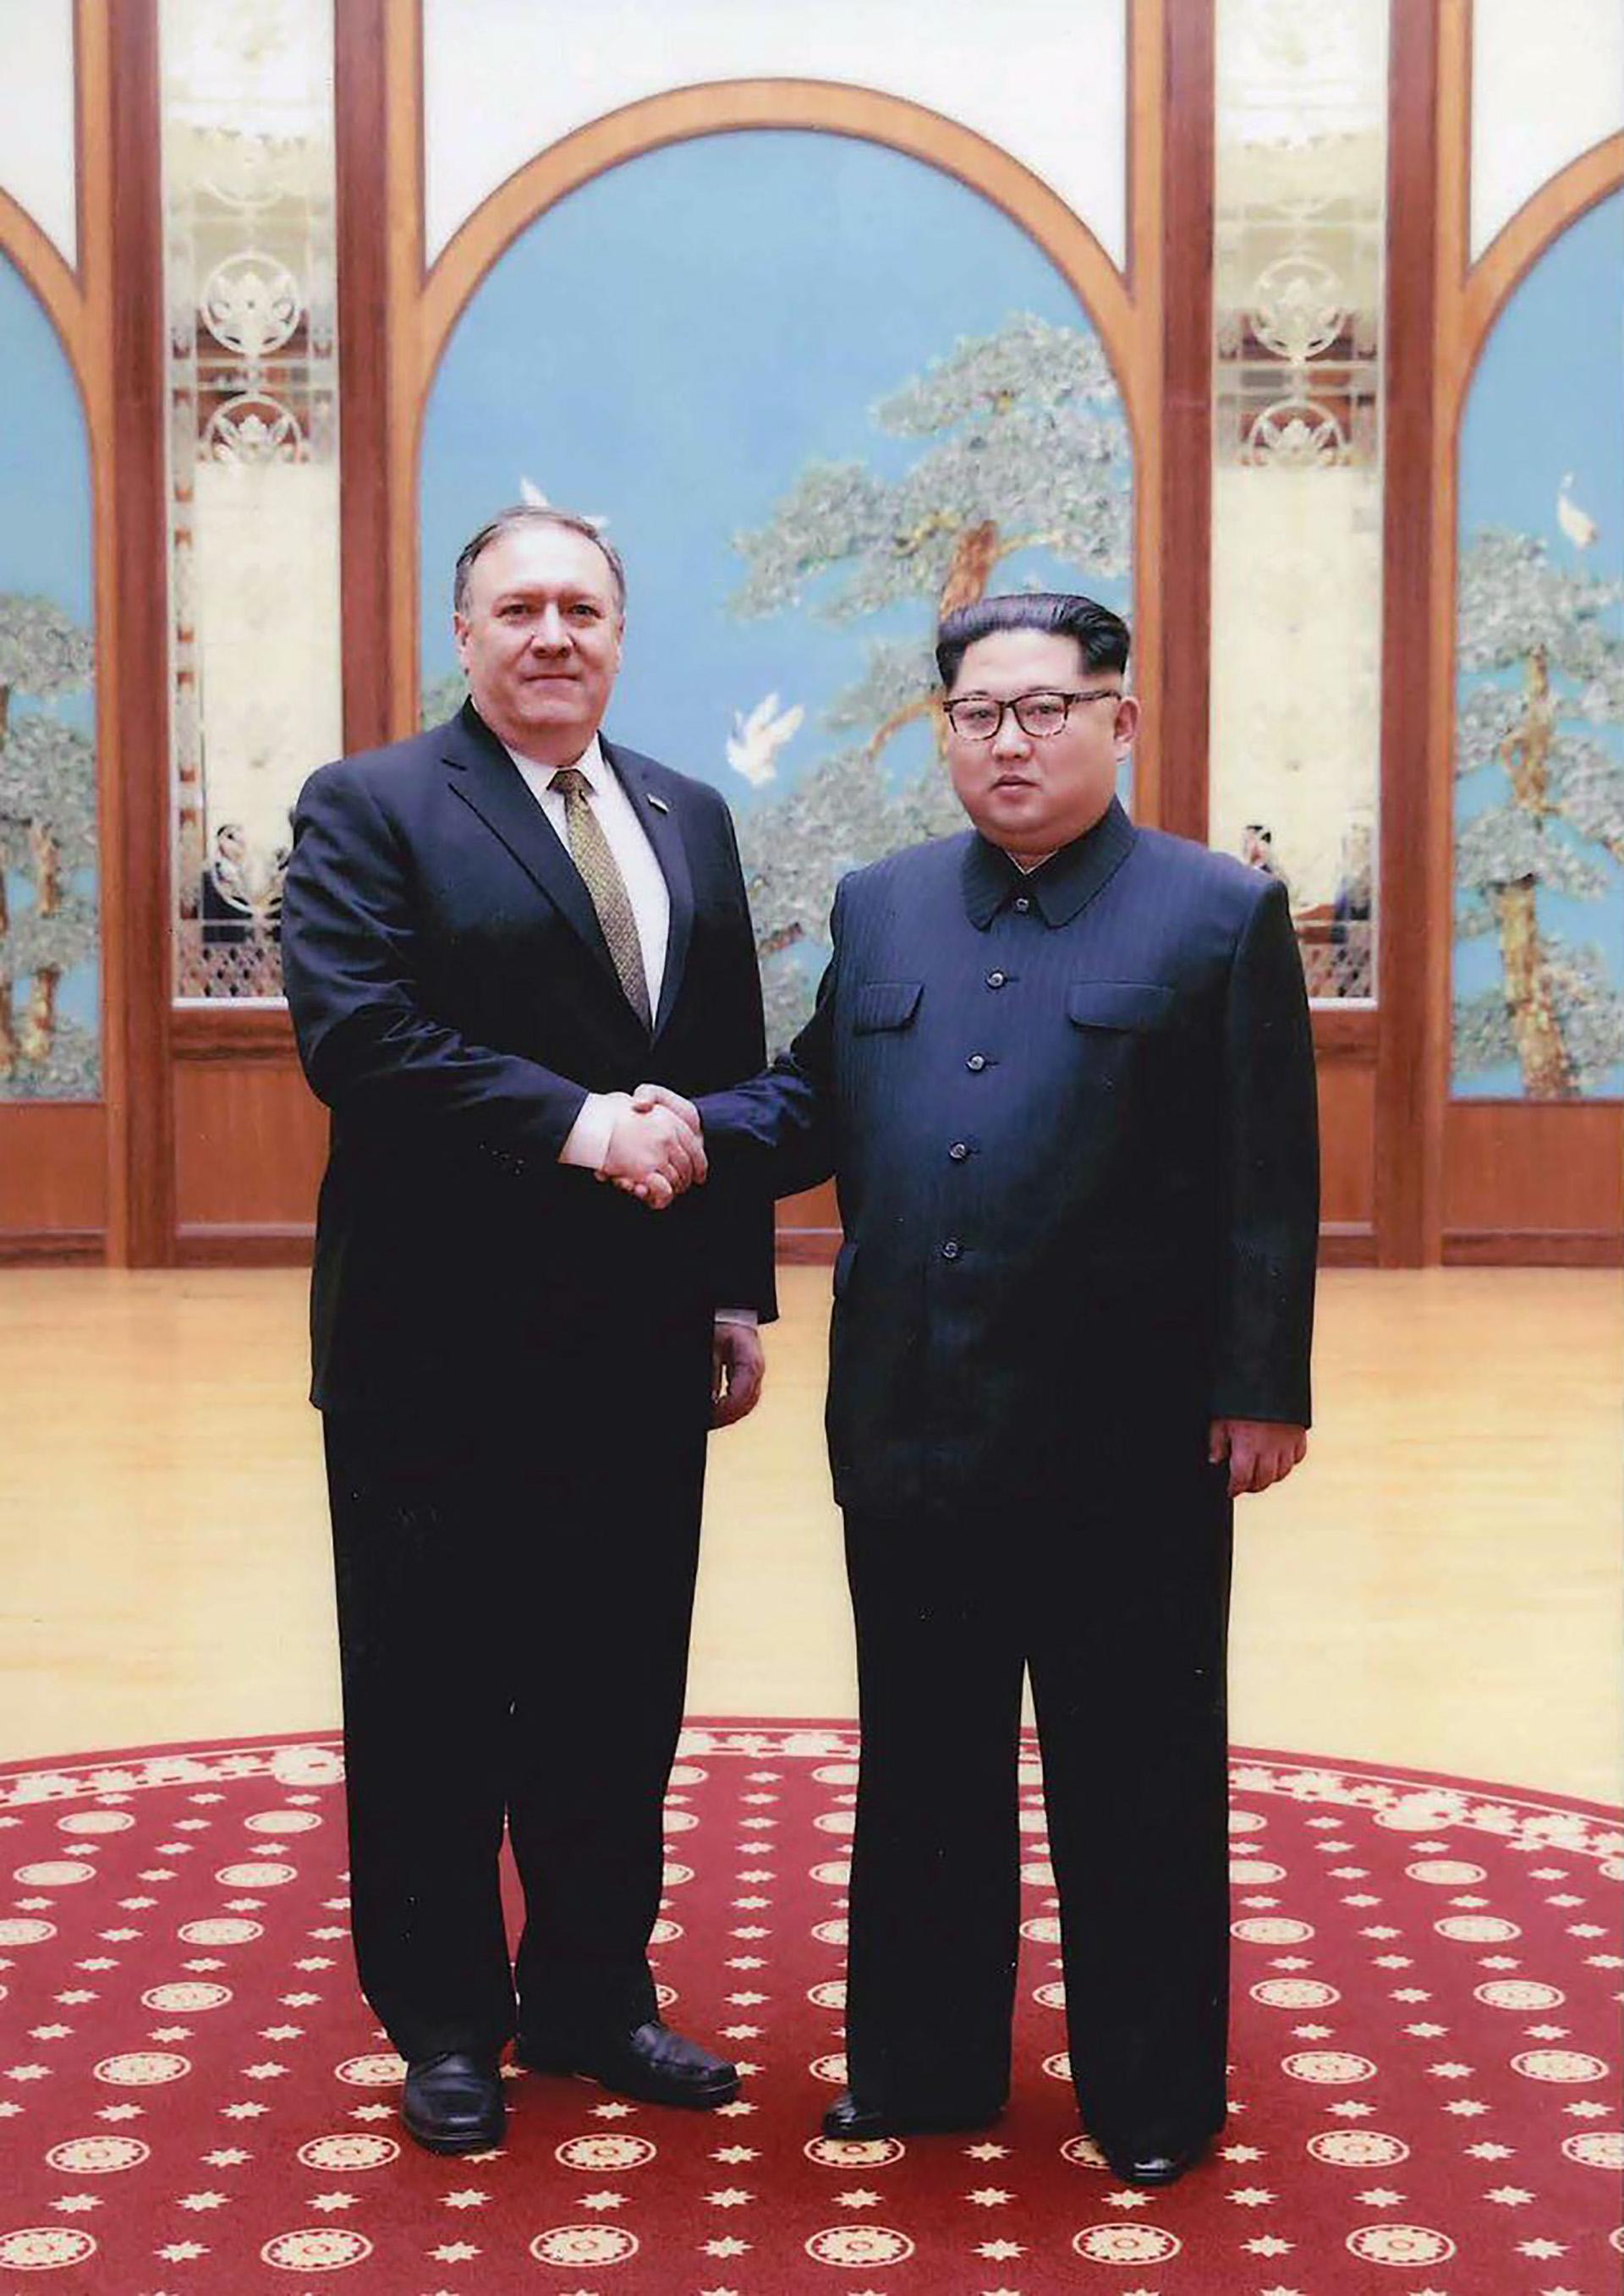 Mike Pompeo, secretario de Estado de EEUU, y el dictador norcoreano Kim Jong-un mantuvieron una reunión secreta en Pyongyang a fines de marzo